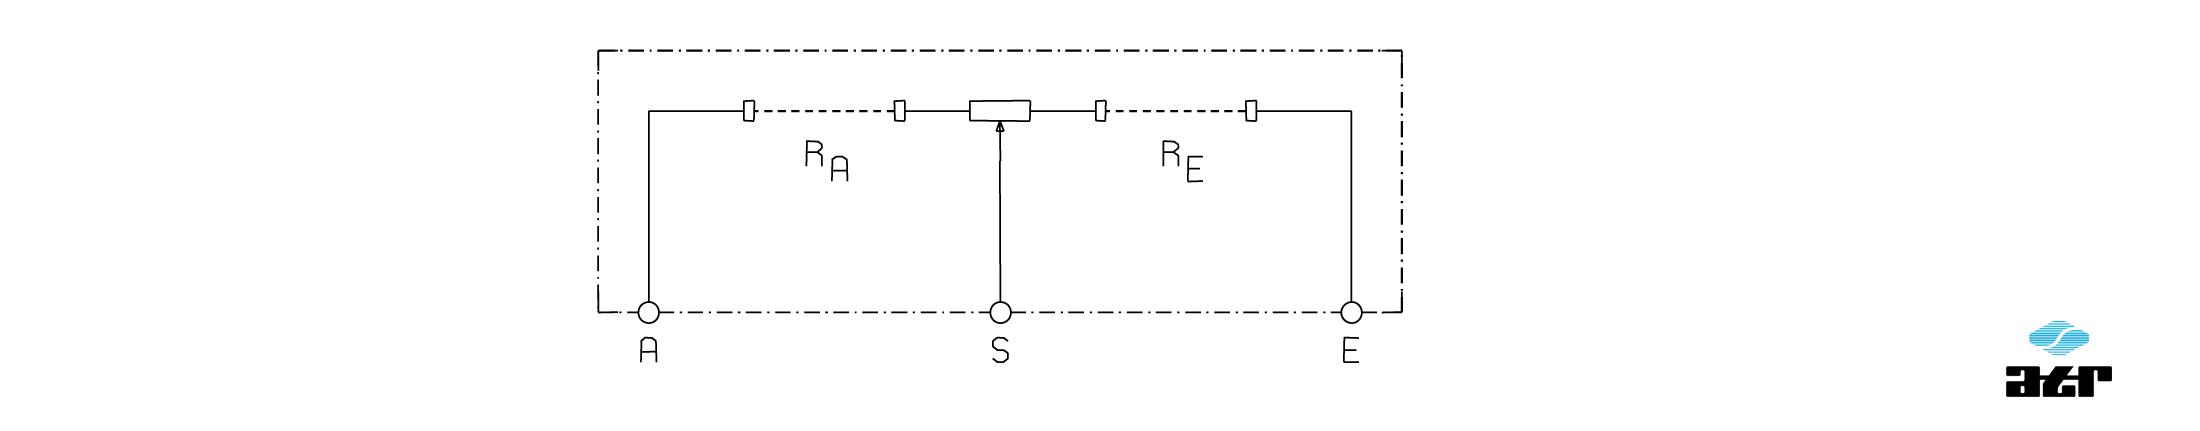 Anschlussplan: ATR Potentiometer-Einheit UG3